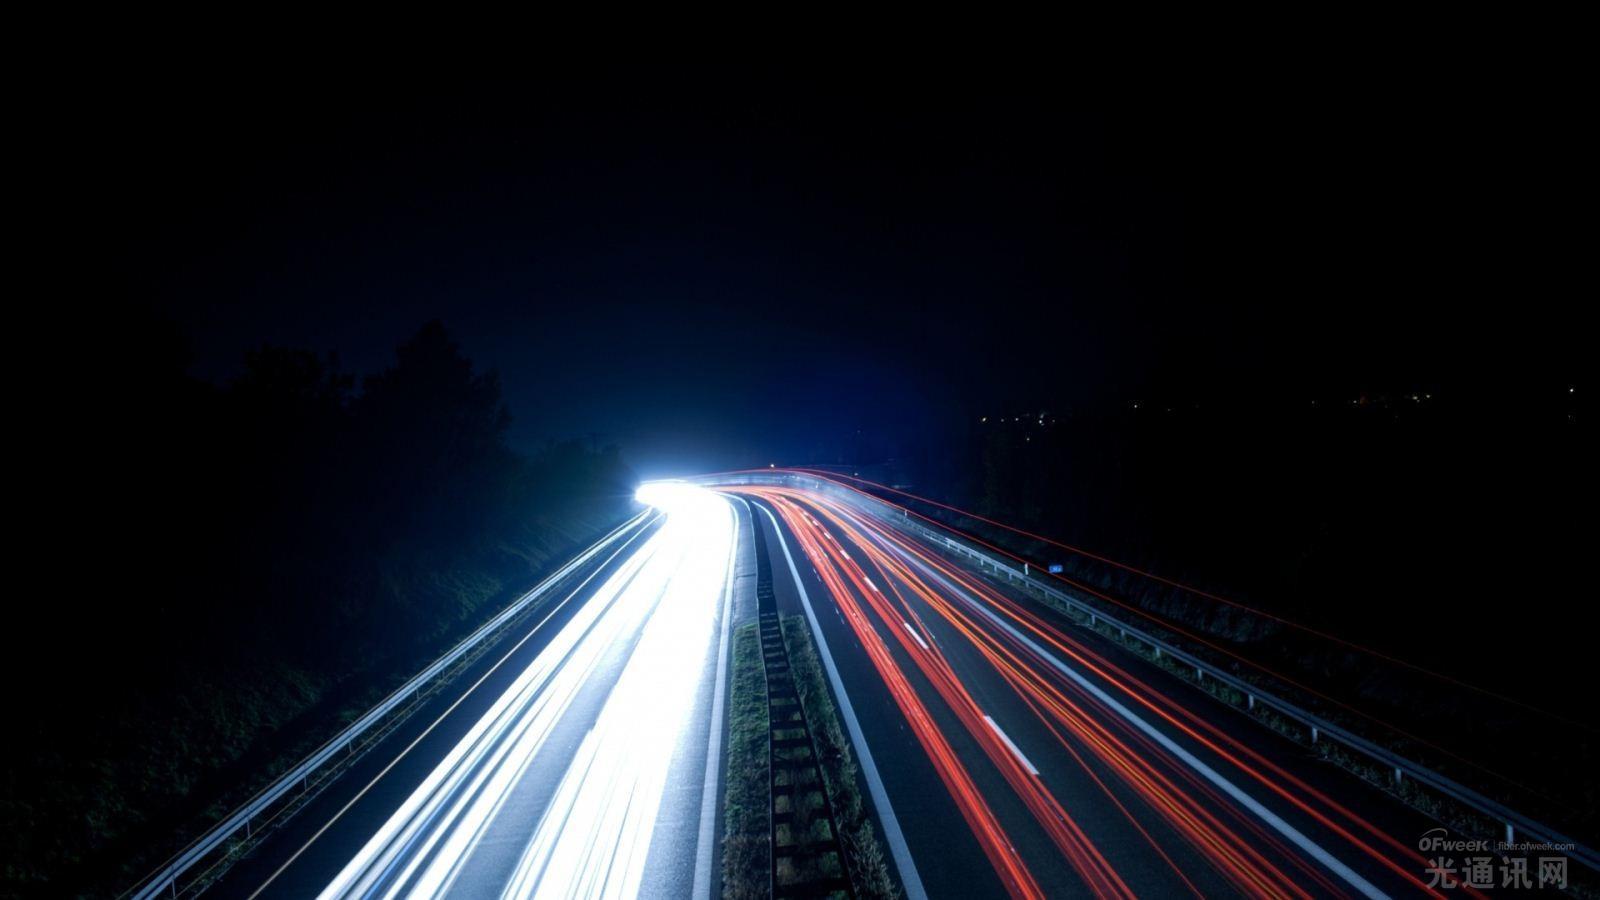 超宽带革命来袭  运营商们如何应对?